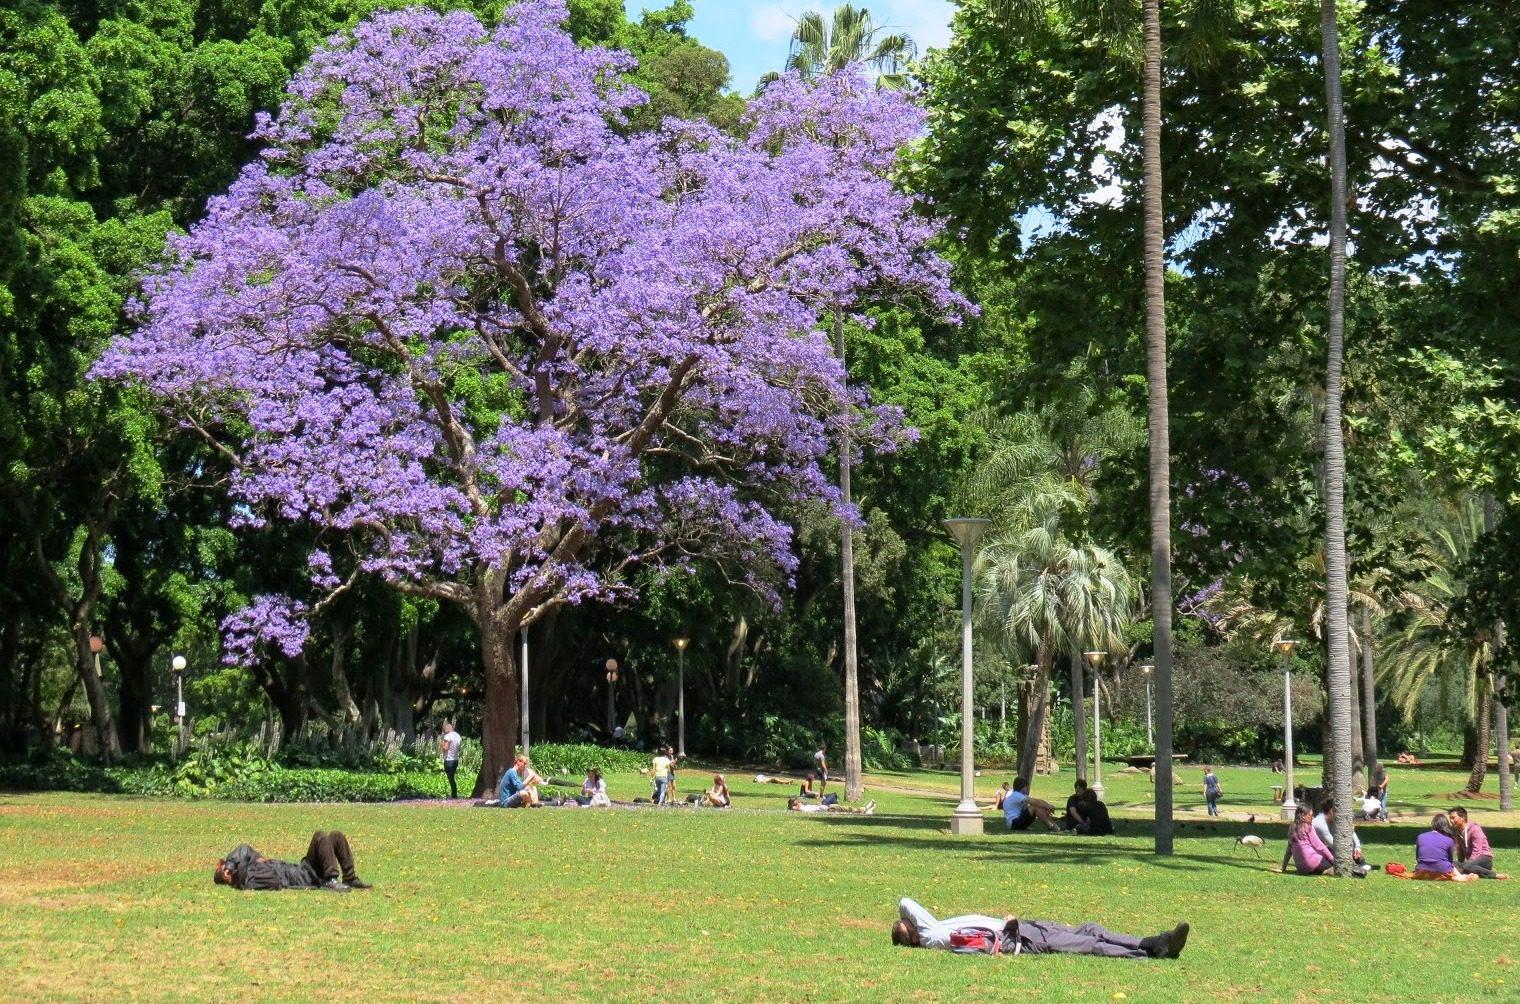 Piantare alberi per contrastare l'inquinamento delle città